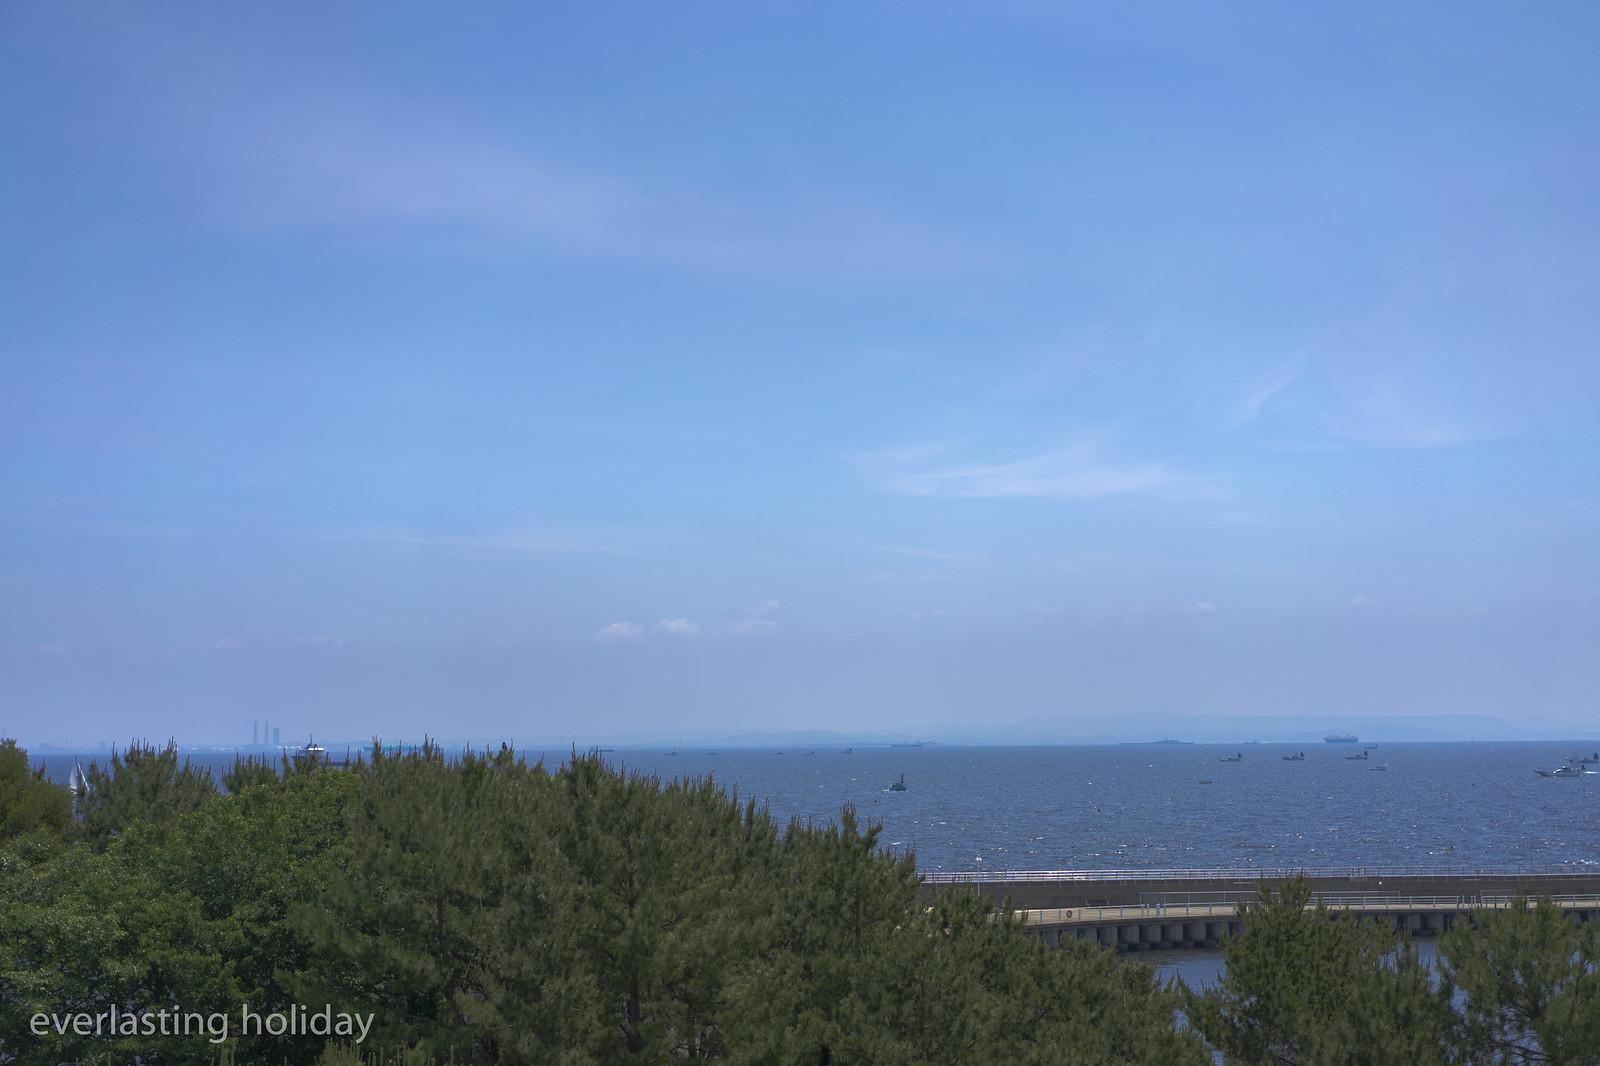 八景島シーパラダイス hakkeijima sea paradise-0002